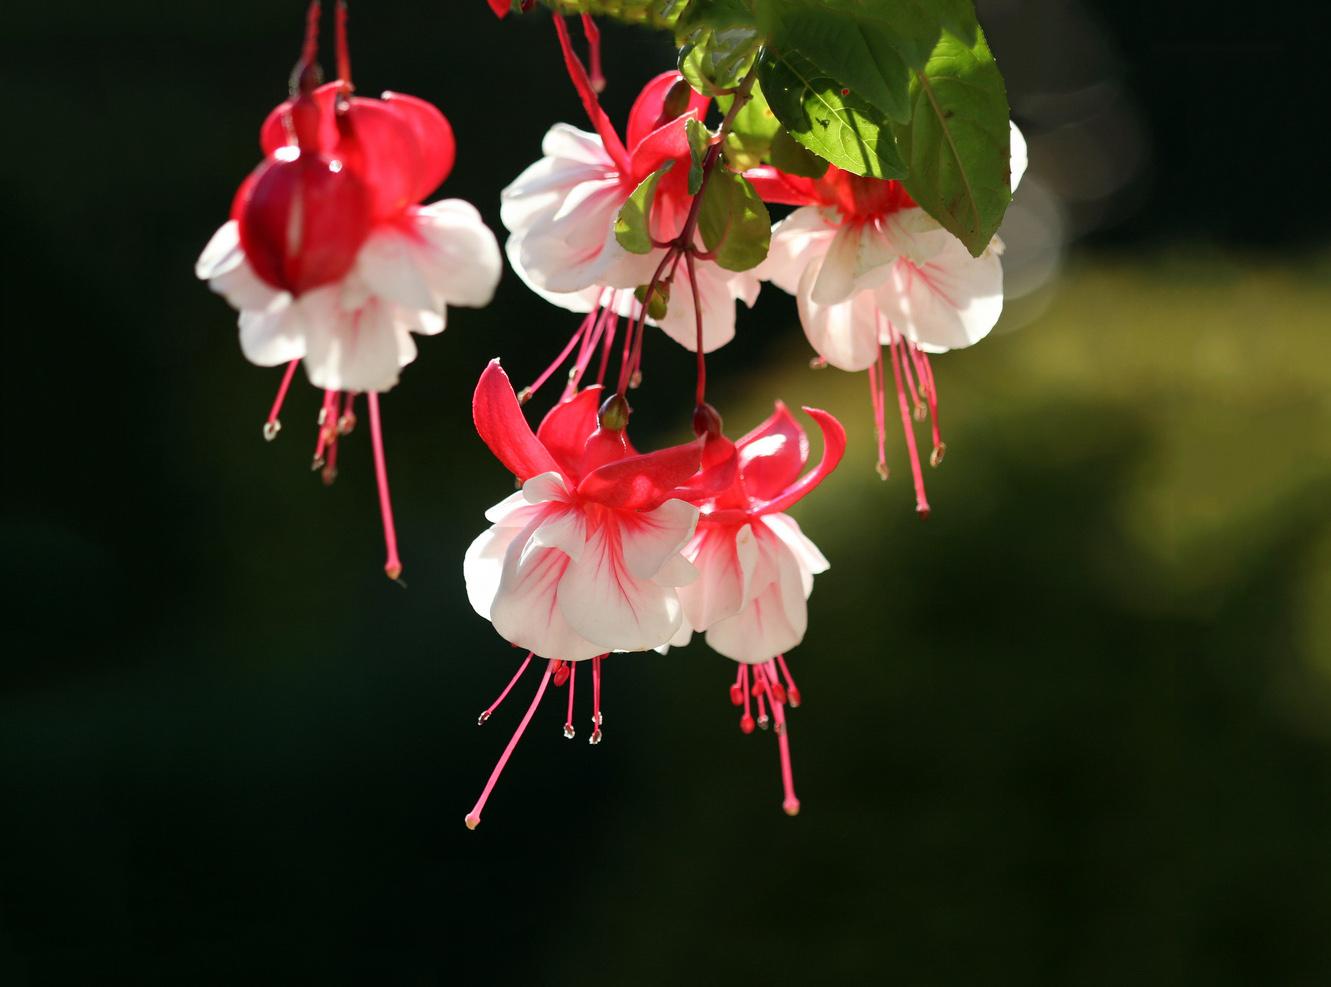 Gėlė fuksija - swingtime